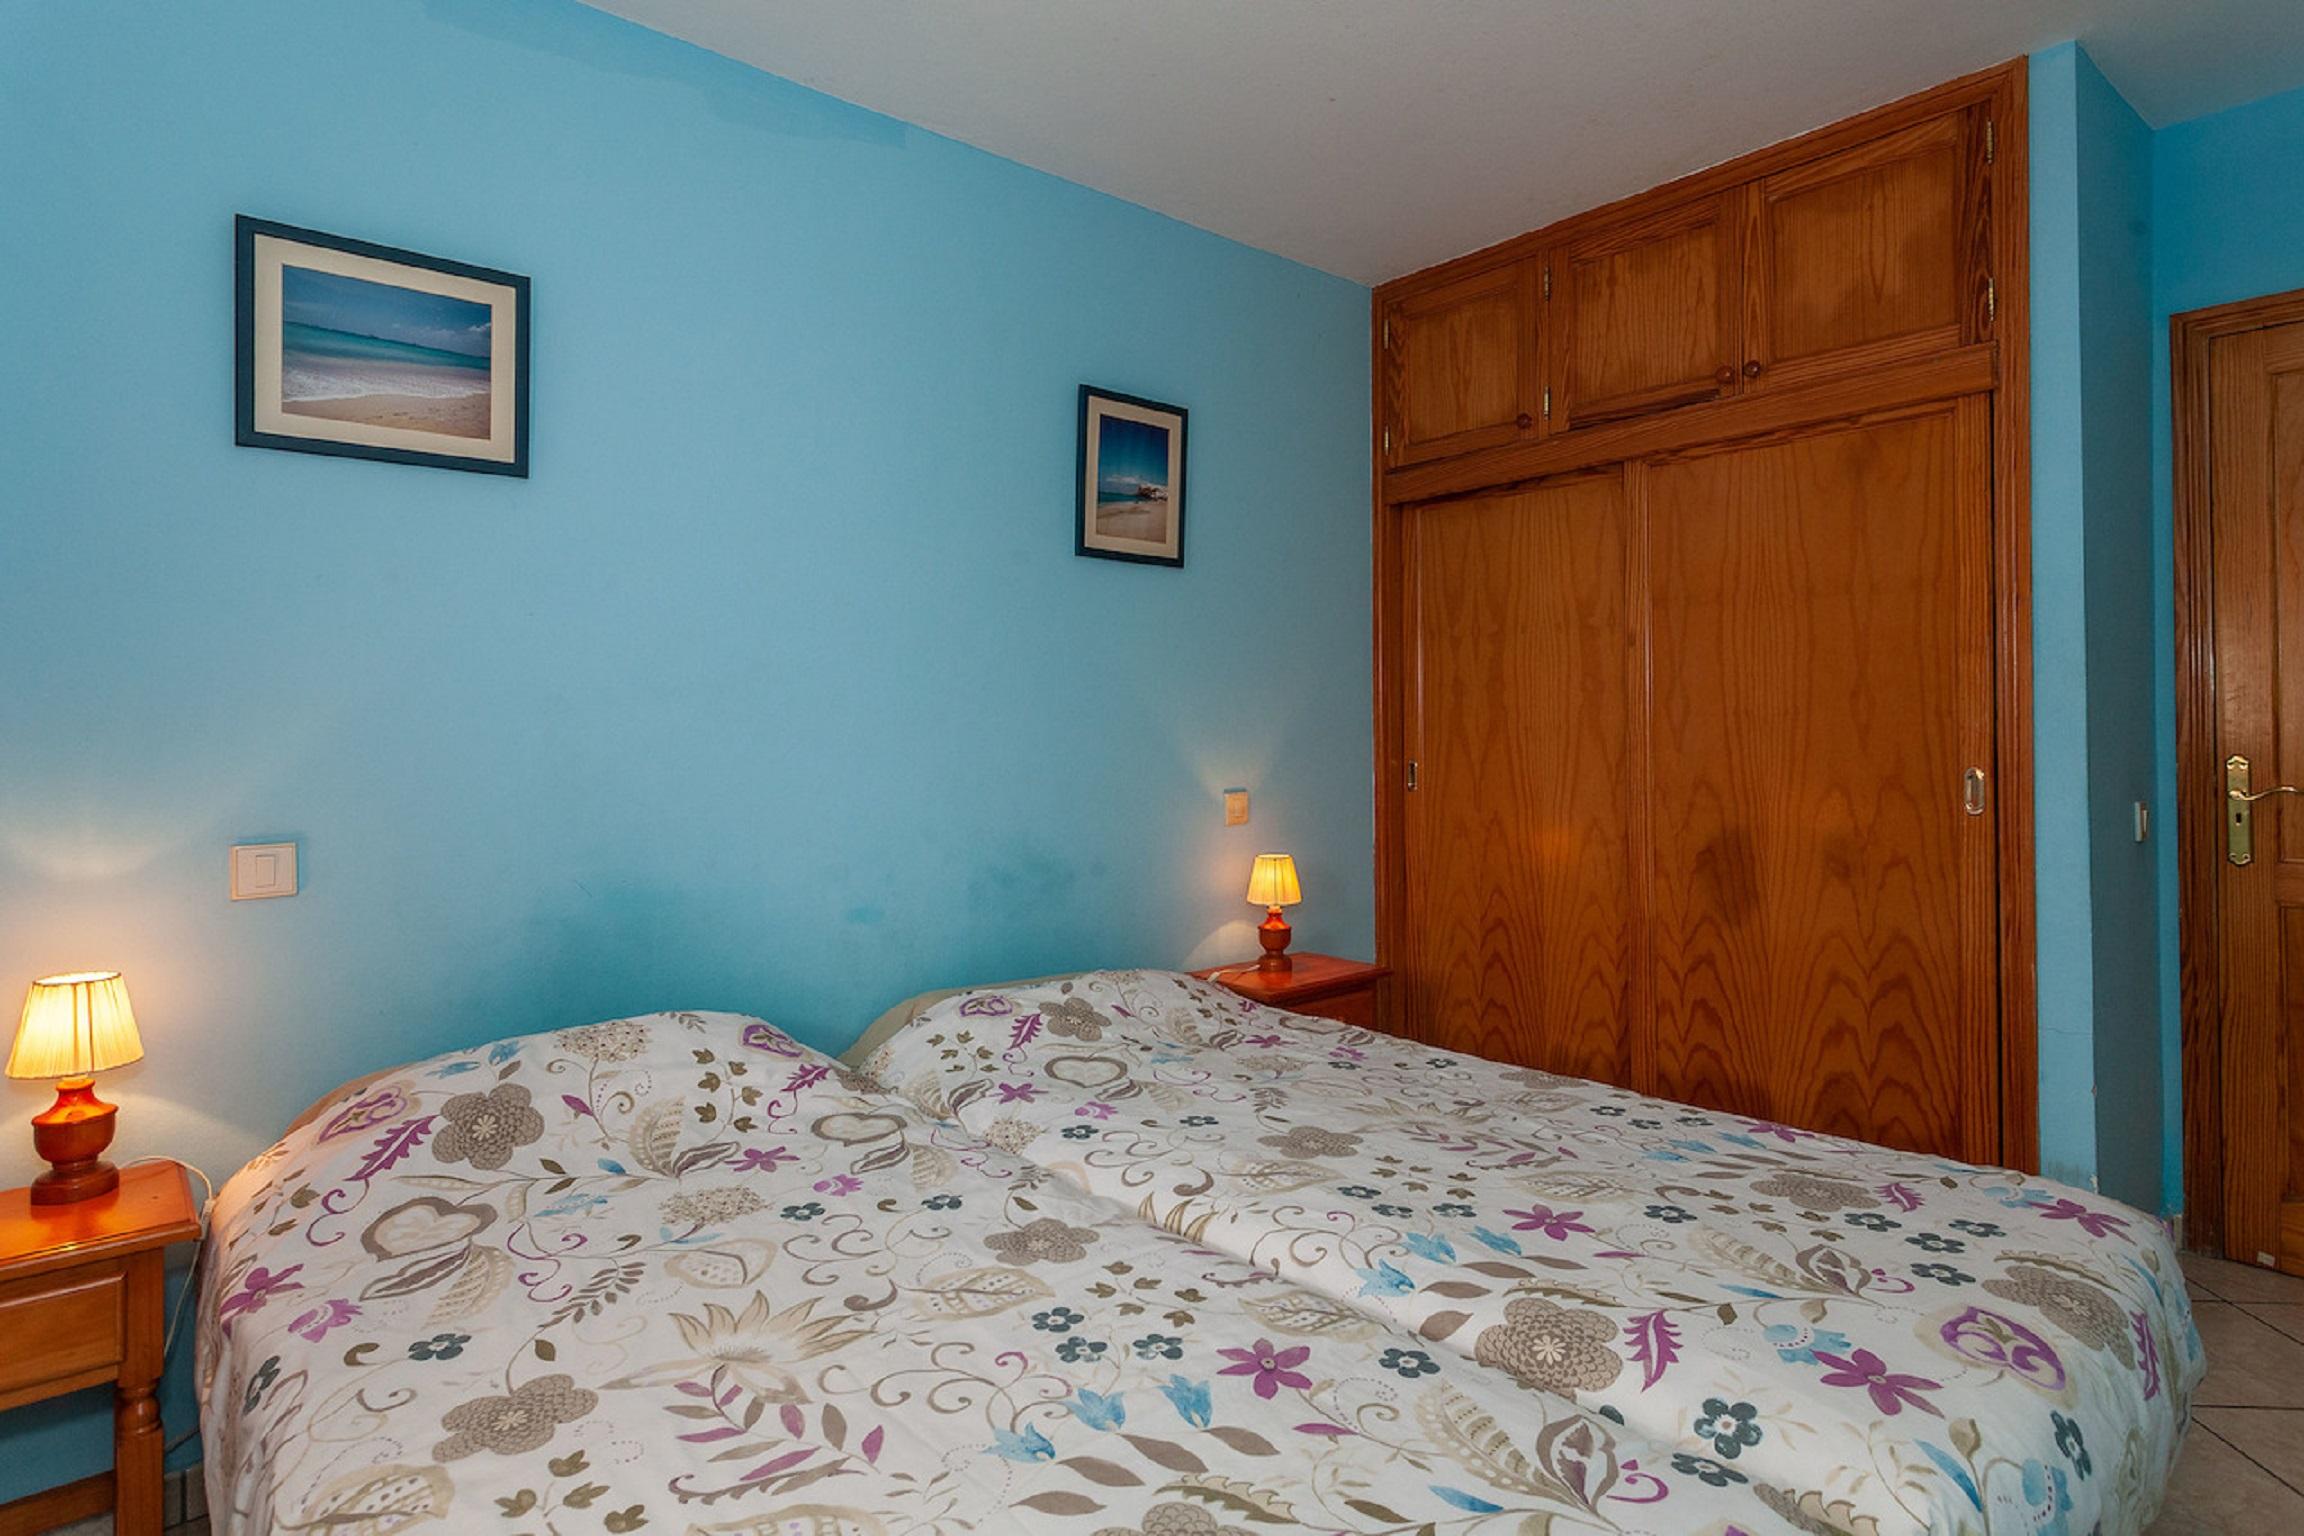 Ferienwohnung Apartment in Strandnhe mit groer Terrasse, Wlan und Parkplatz (2628896), Costa Calma, Fuerteventura, Kanarische Inseln, Spanien, Bild 19